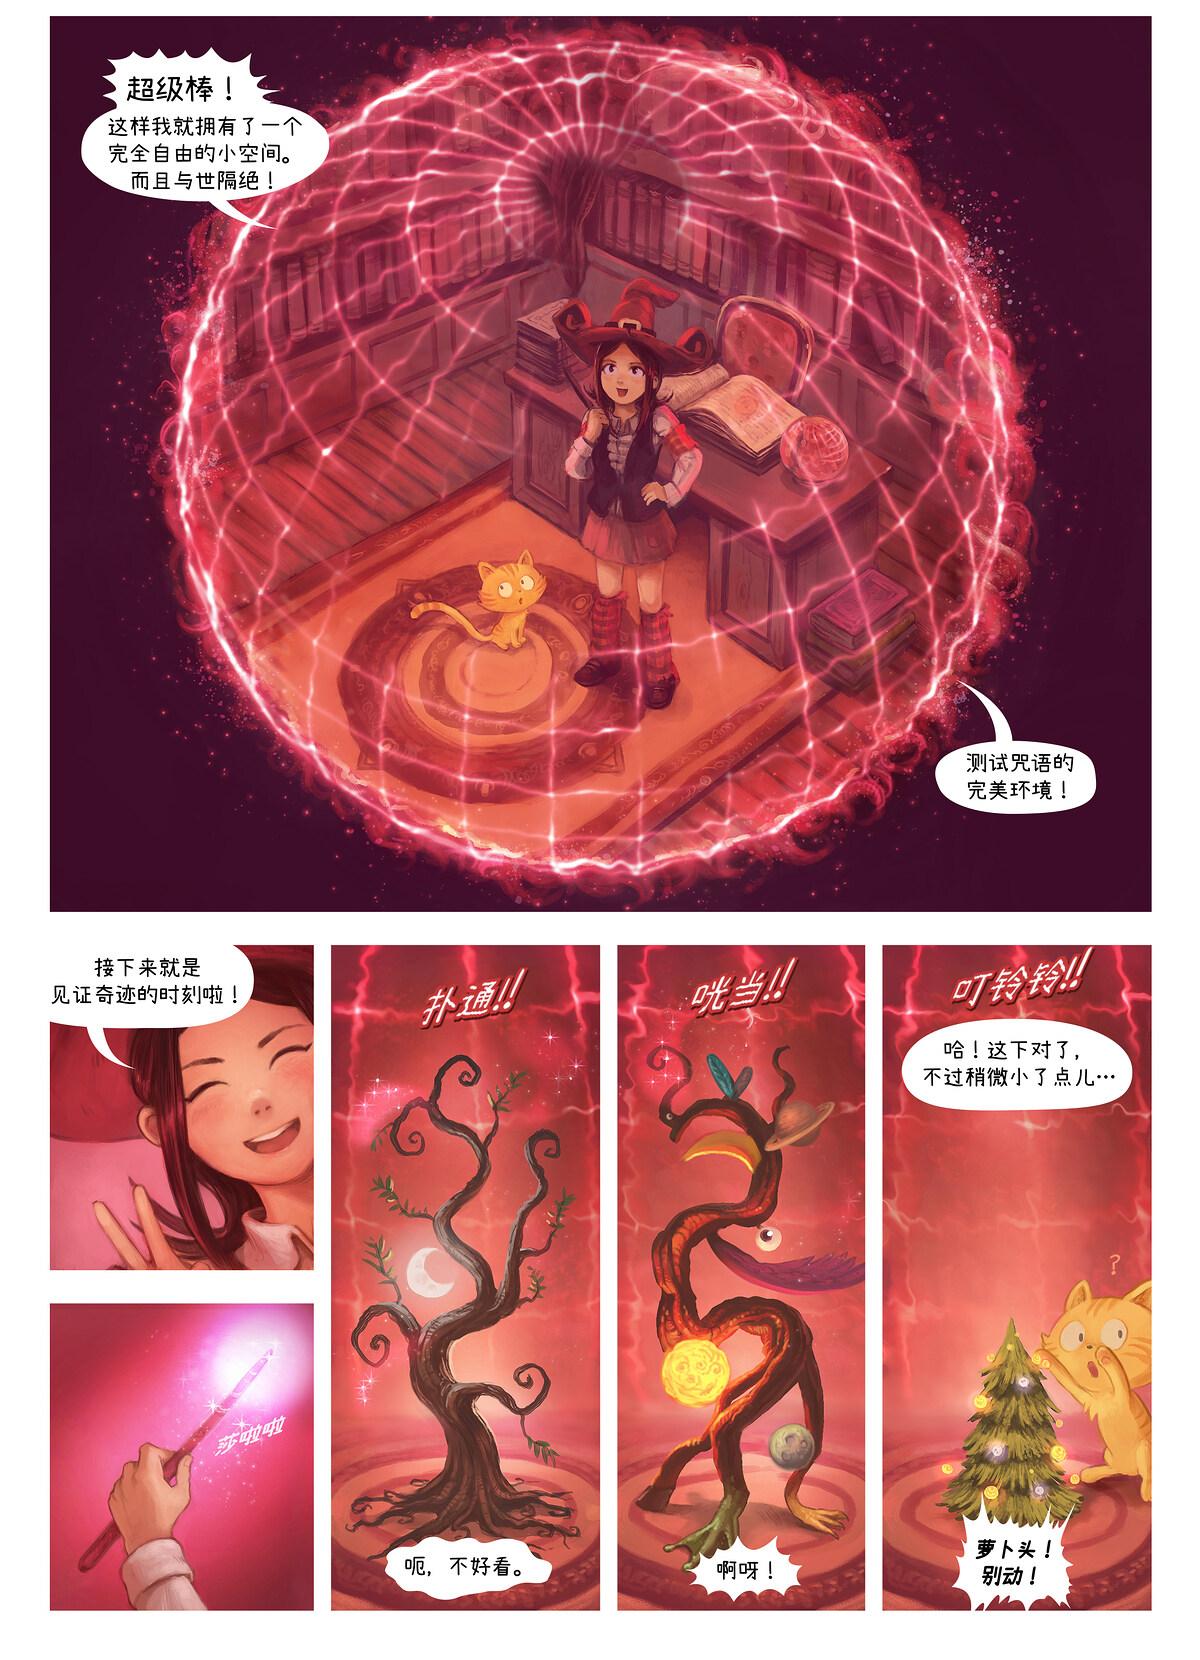 第24集:团结树, Page 4